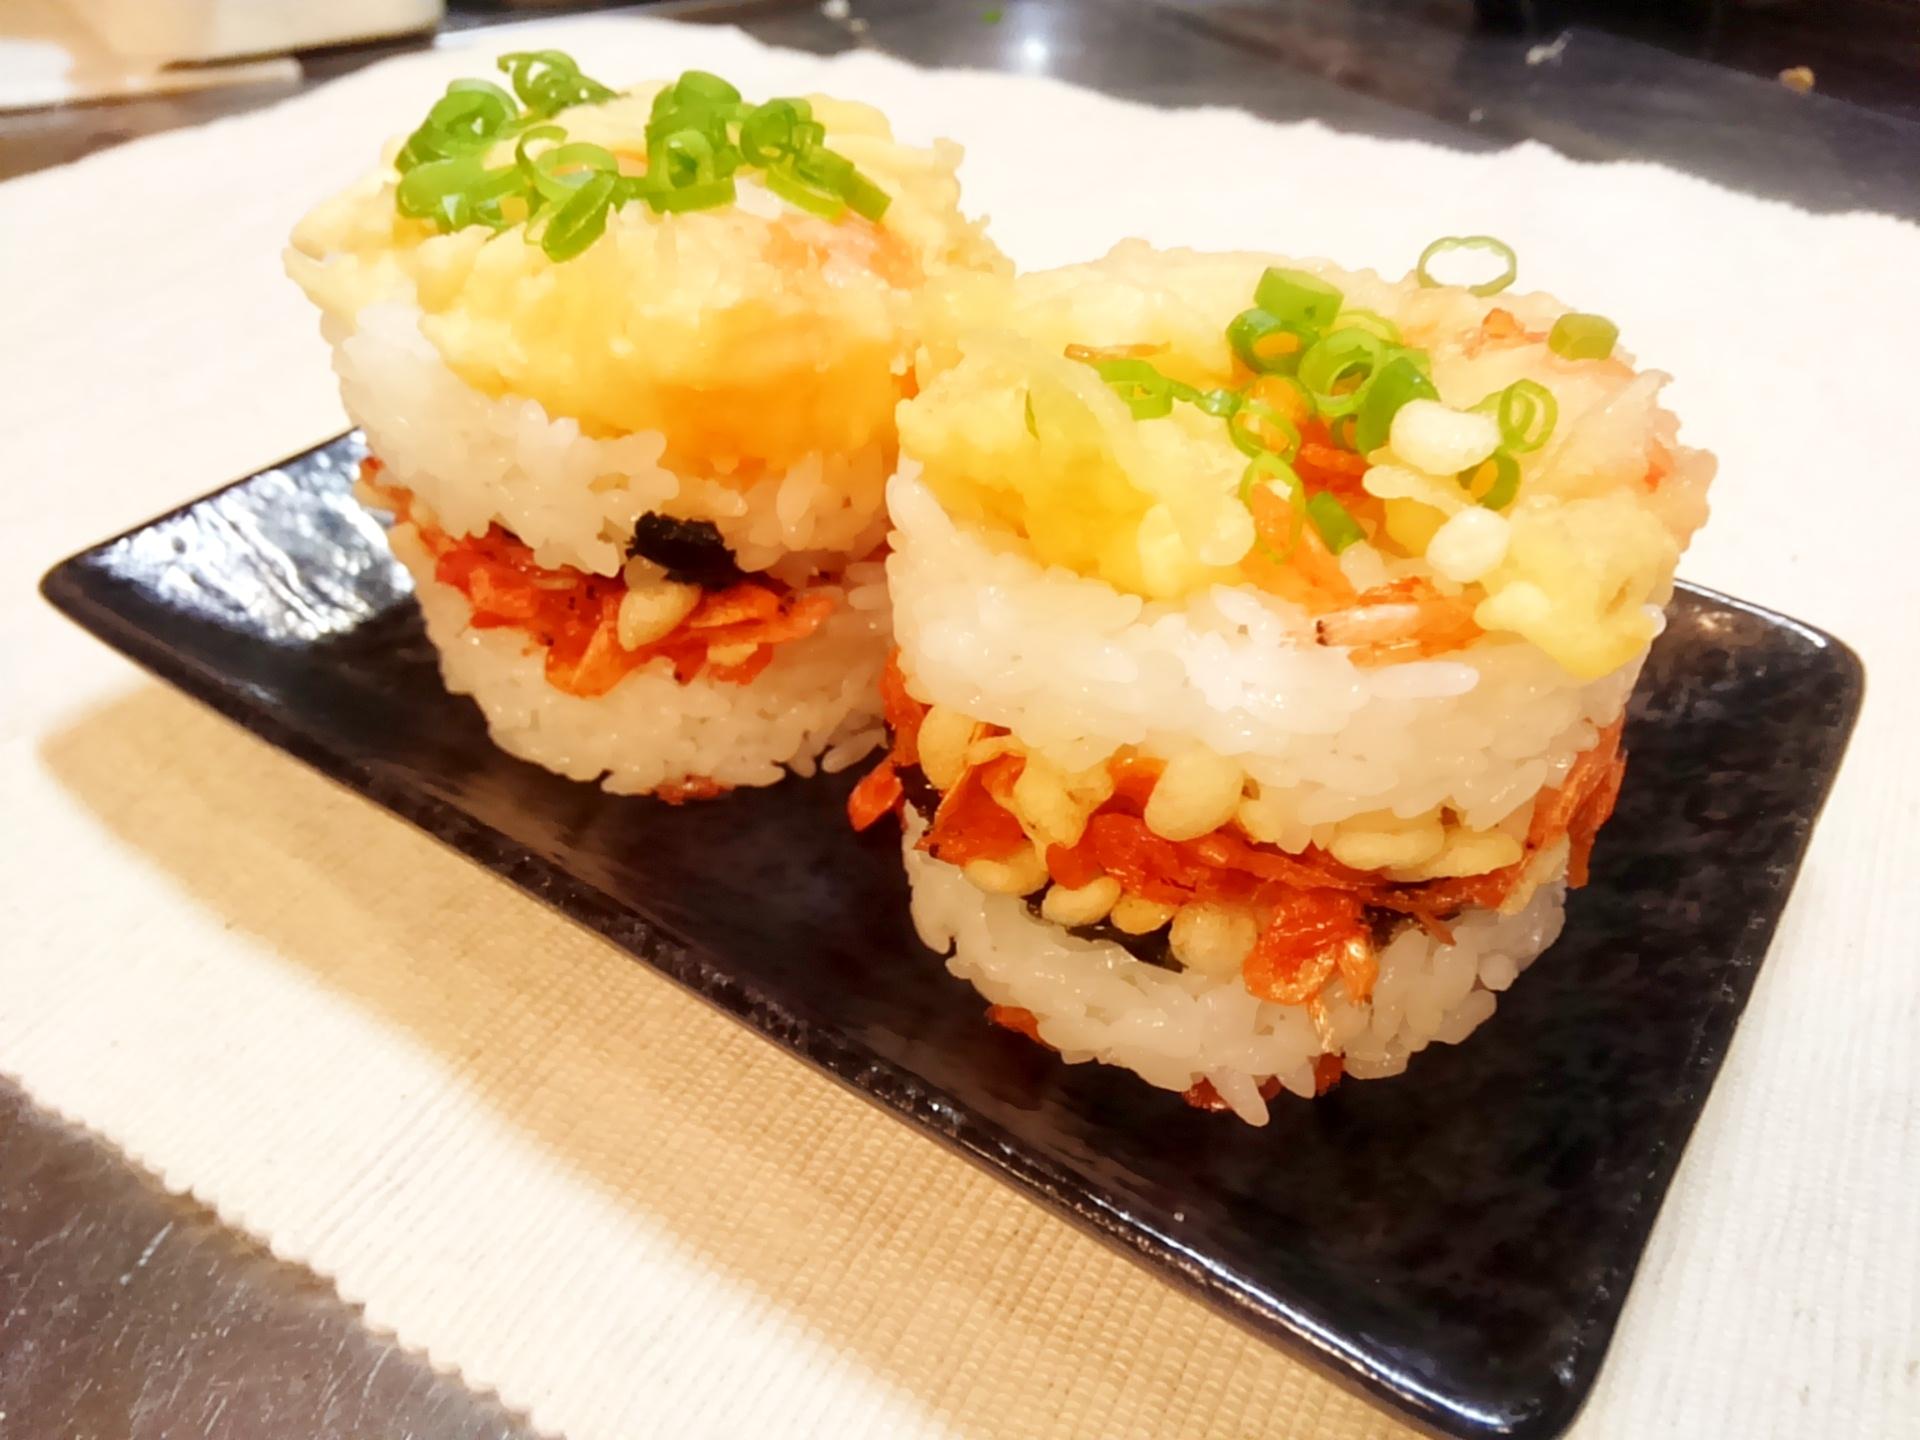 レシピ|名古屋めしをフォトジェニックに!「ケーキ天むす&天むすばず」